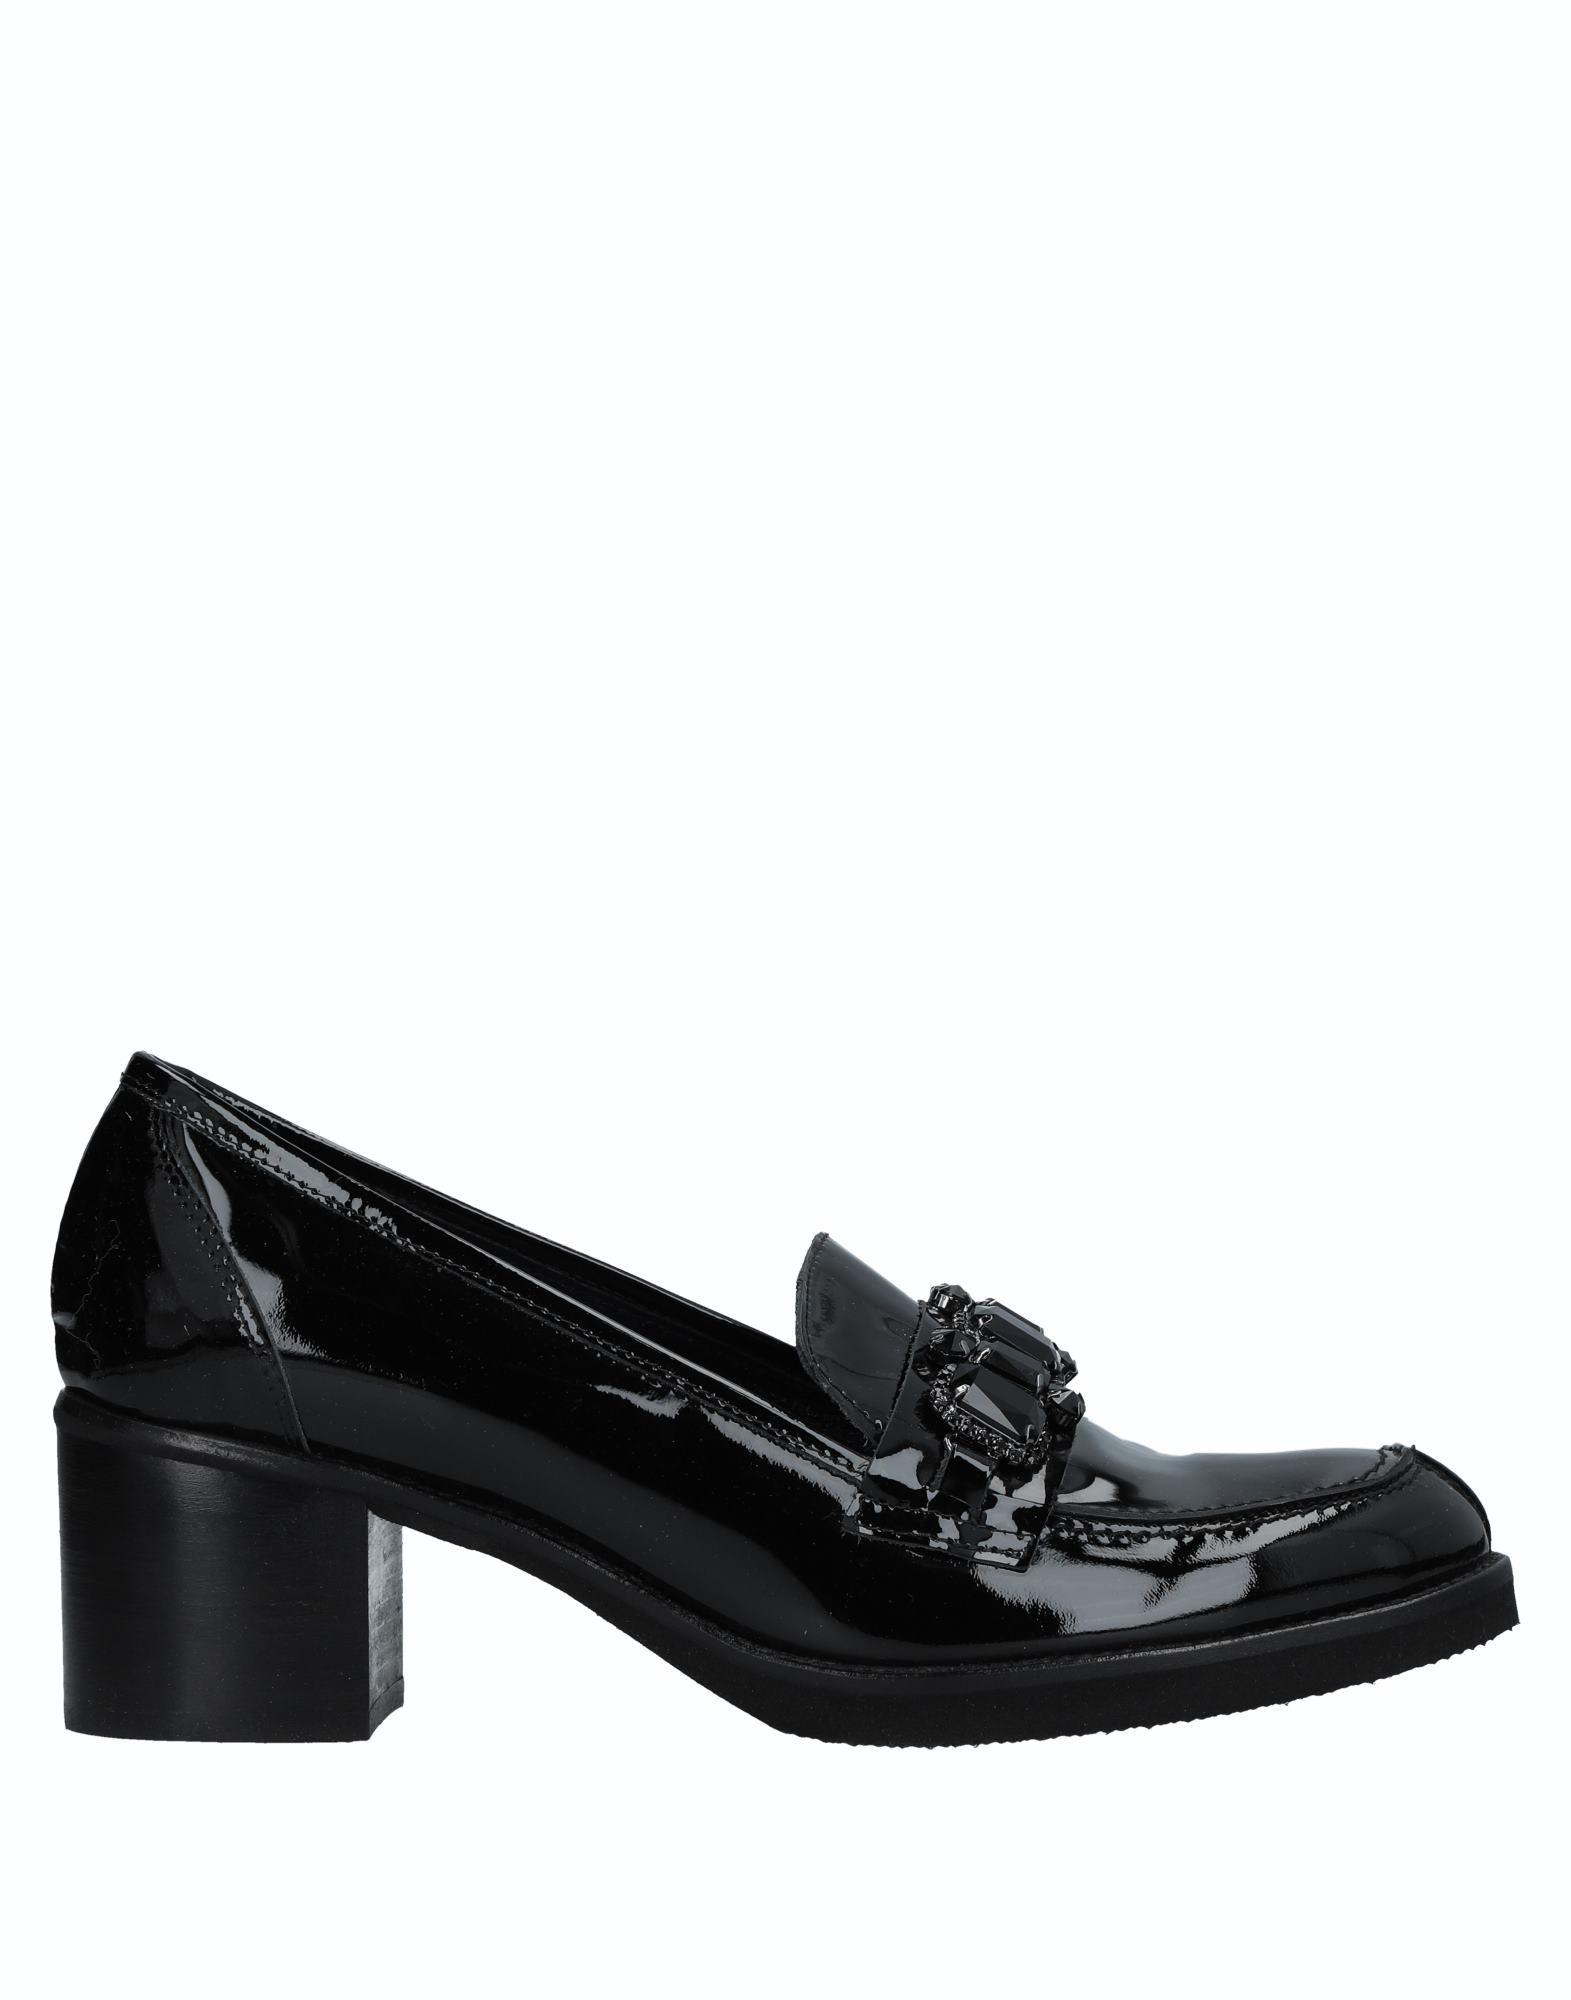 Zanfrini Cantù Schuhe Mokassins Damen  11514943HX Gute Qualität beliebte Schuhe Cantù b23bf8